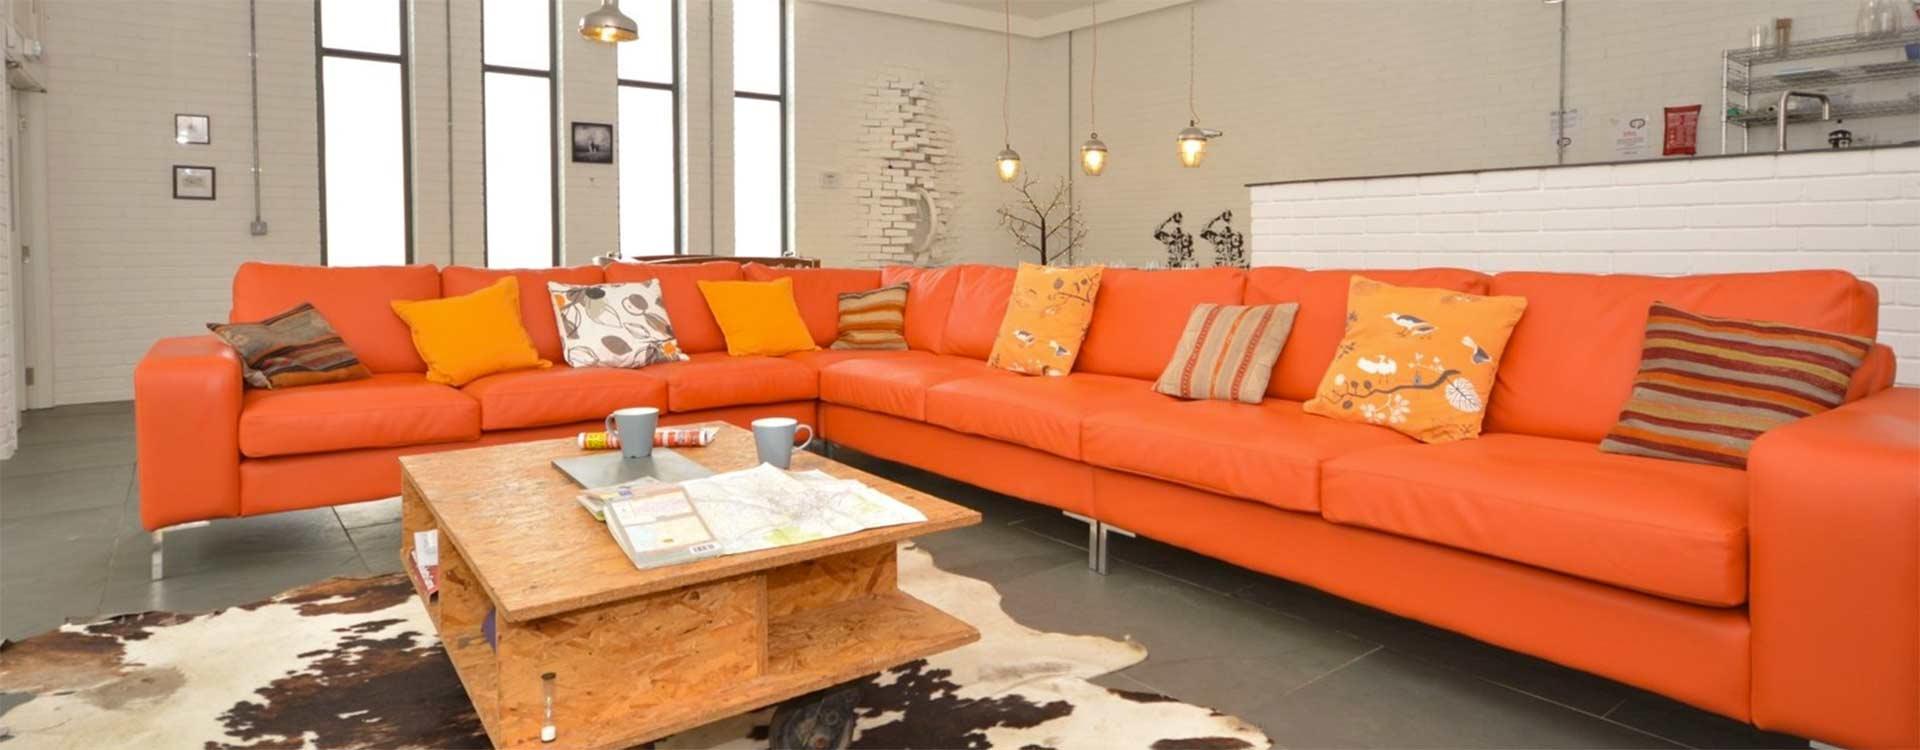 contemporary-living-area